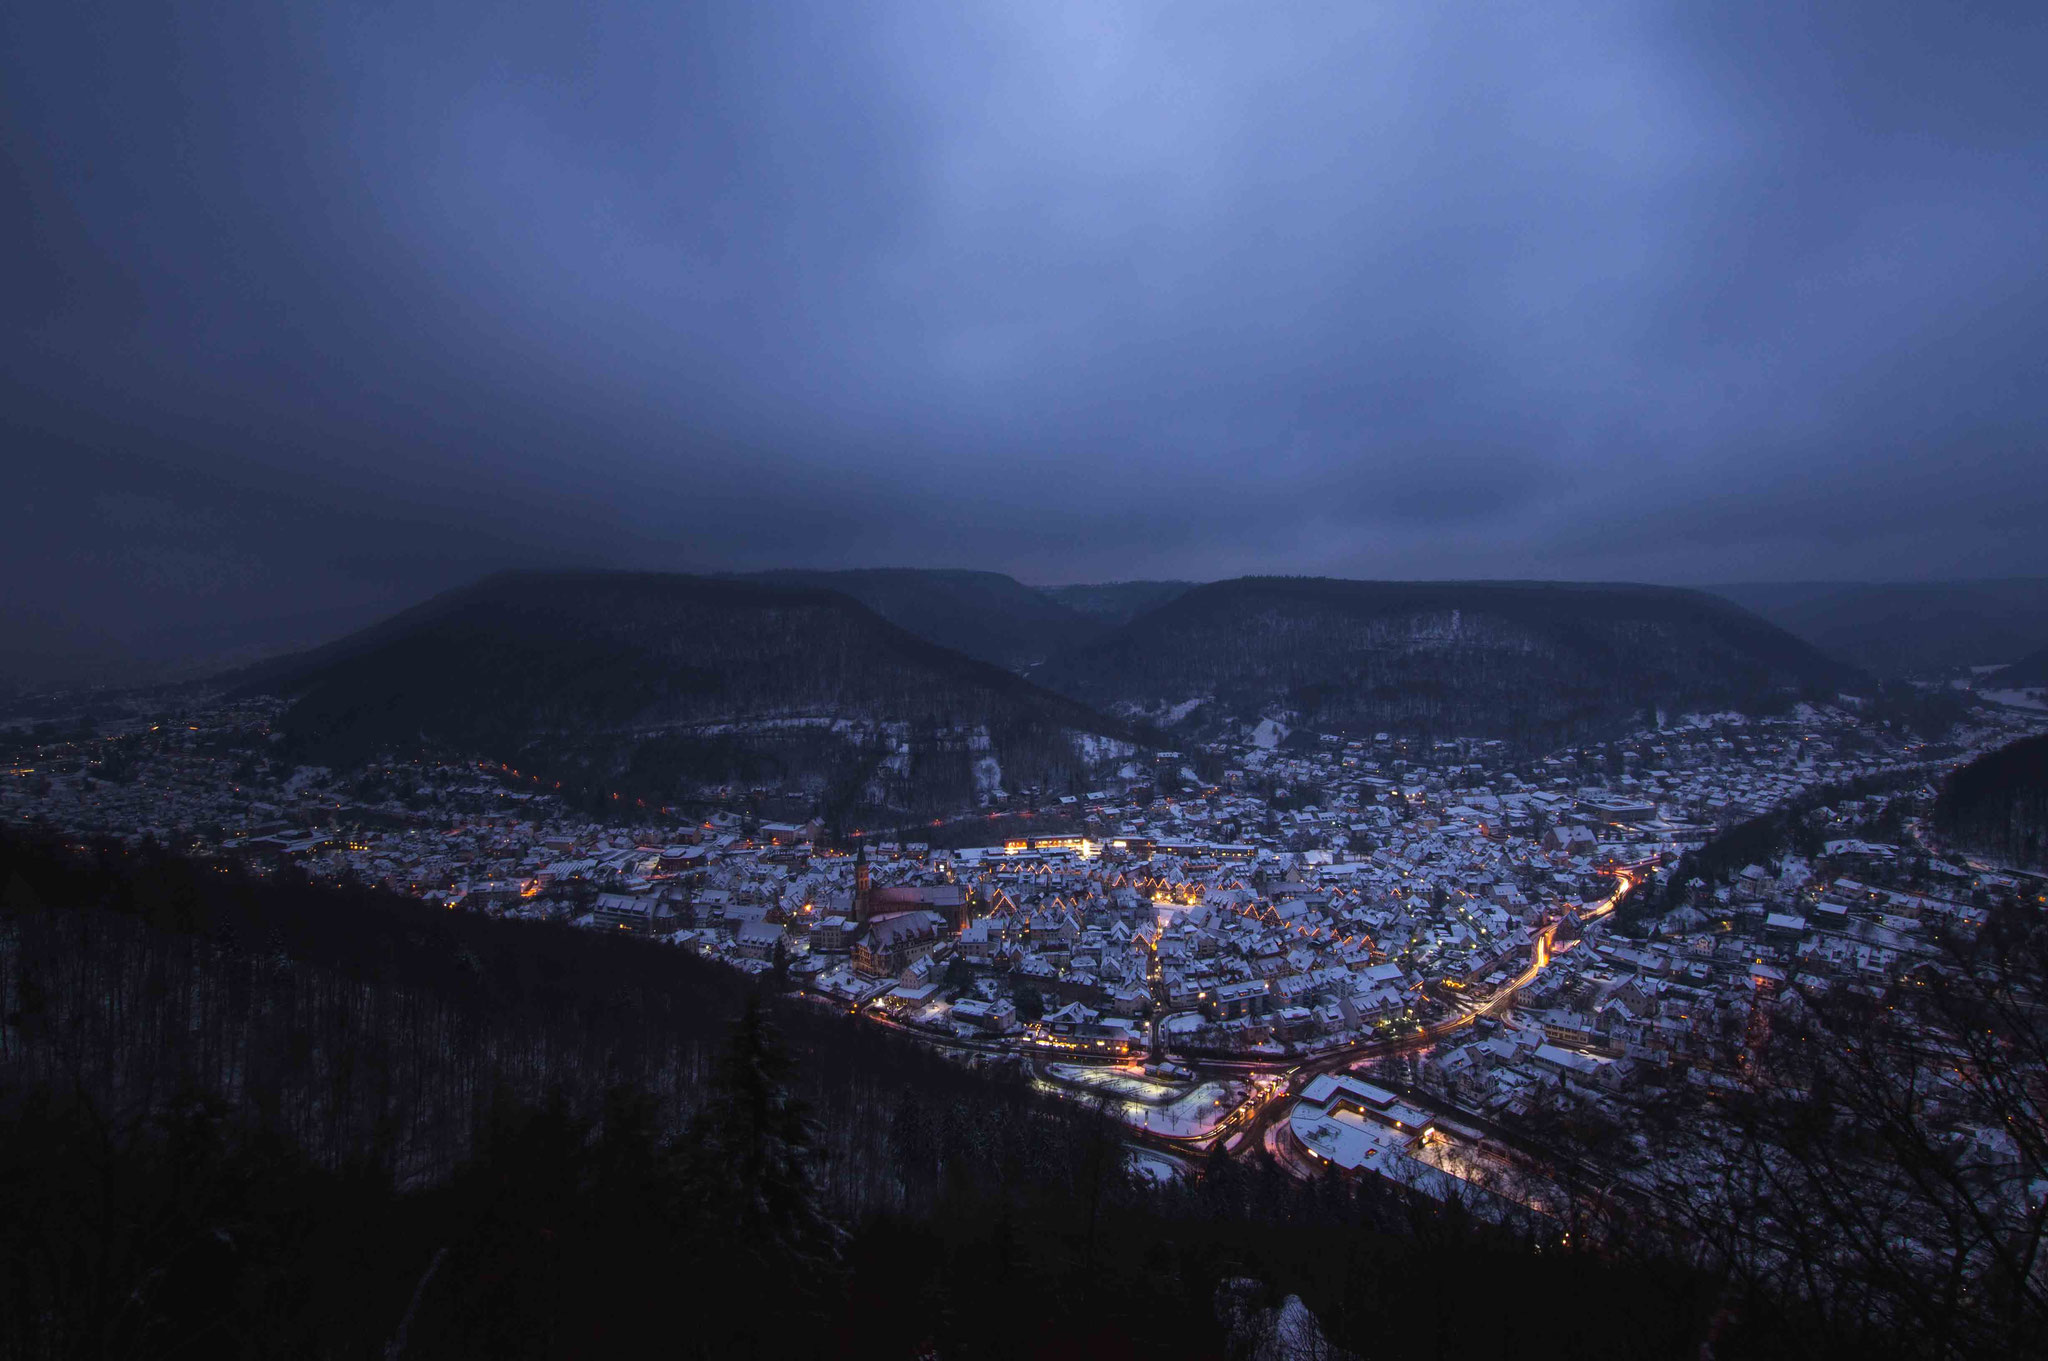 Winterliches Abendlicht; Bad Urach